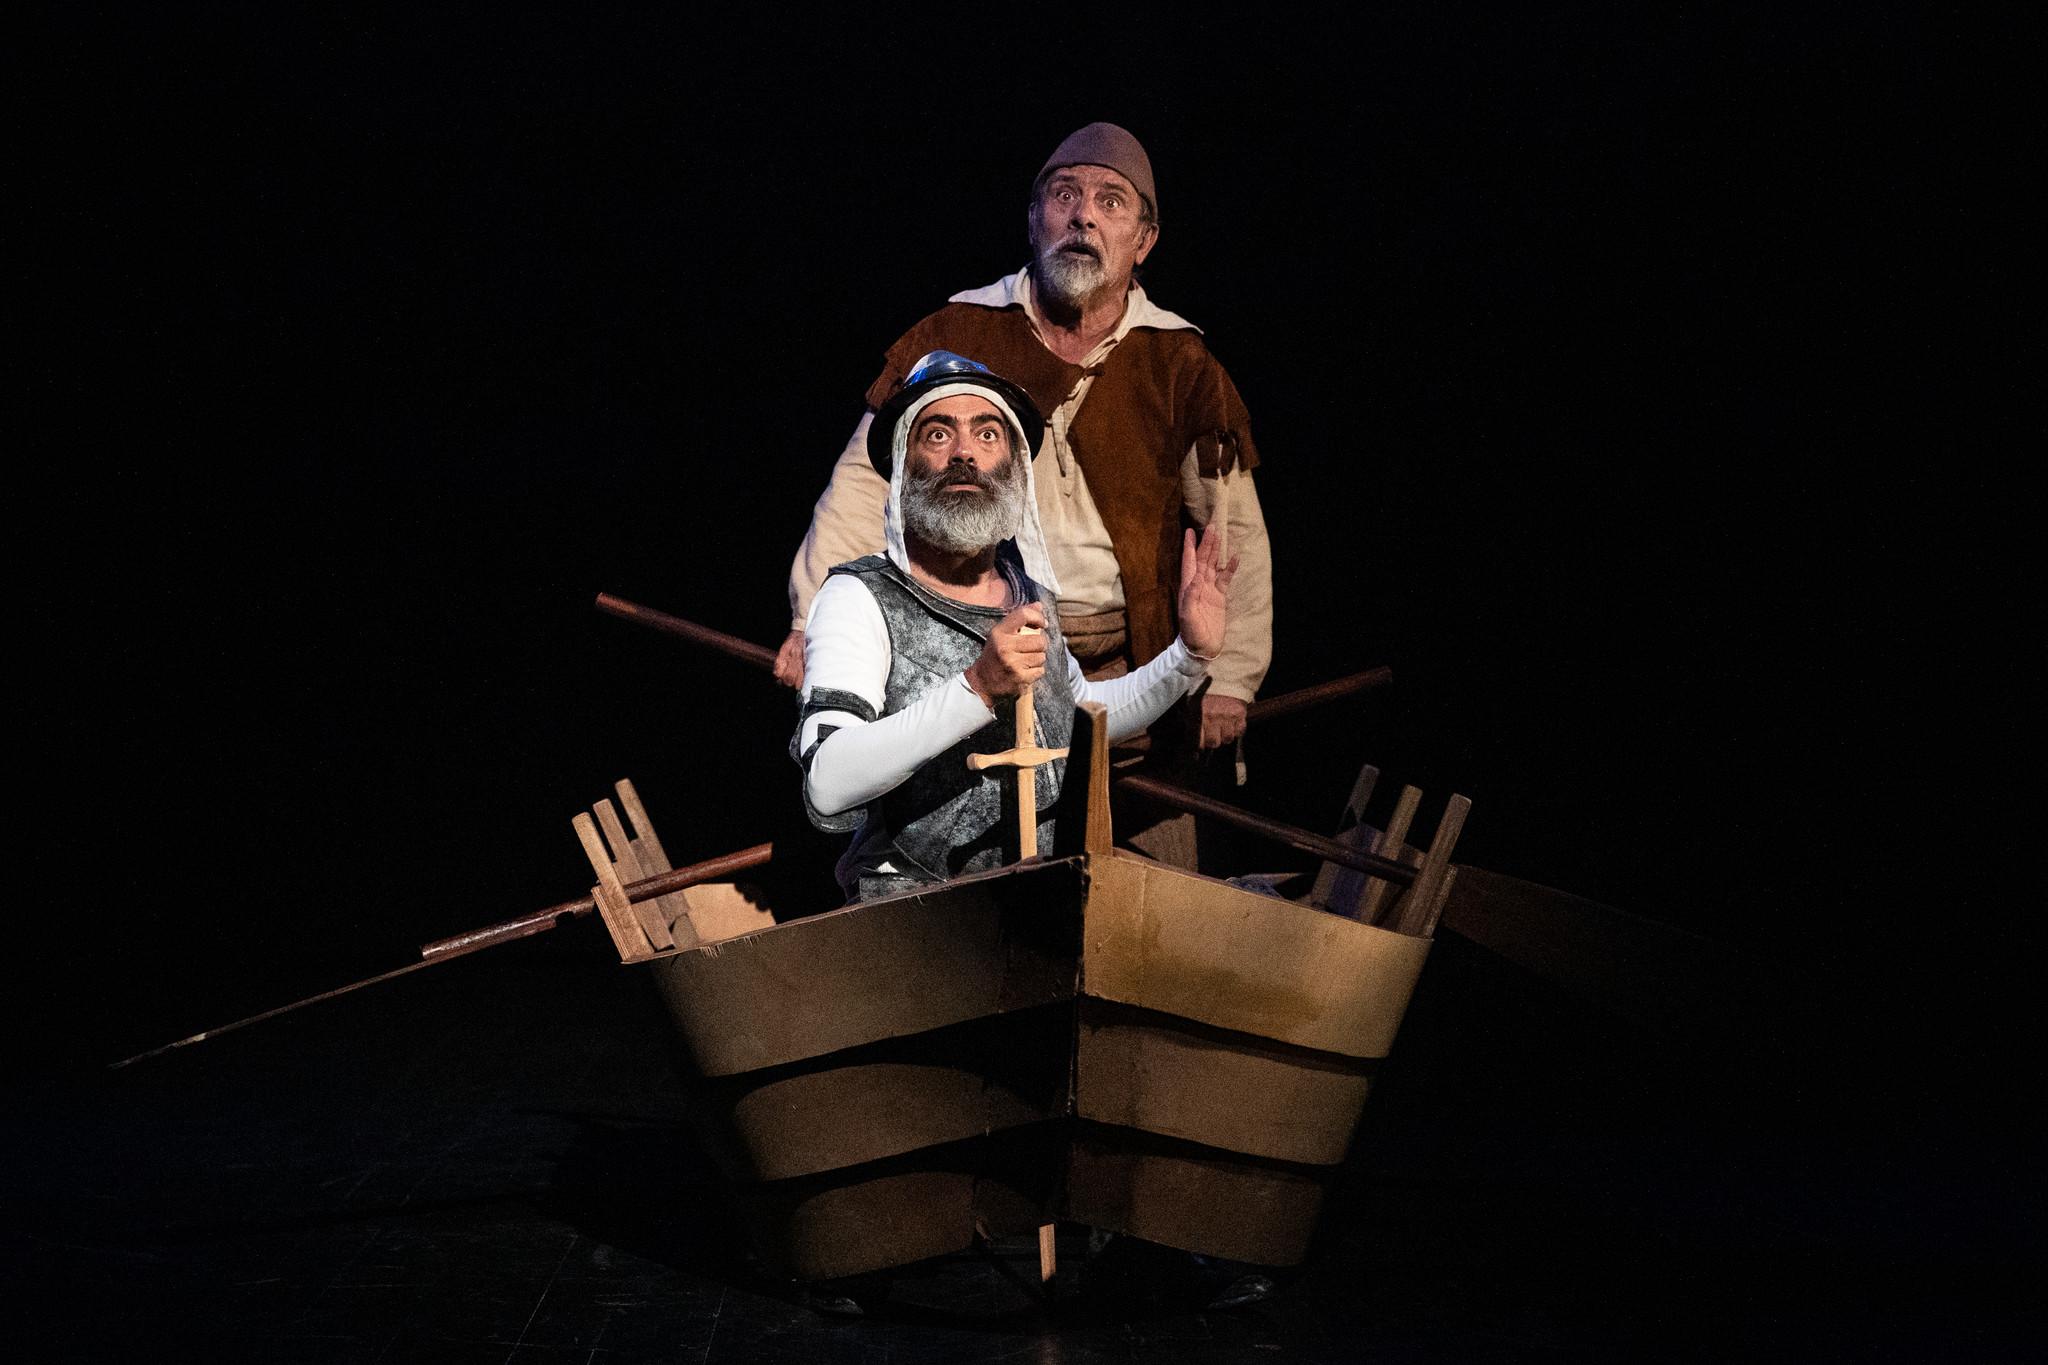 Teatro D. Quixote_pedro_figueiredo_-4.jpg